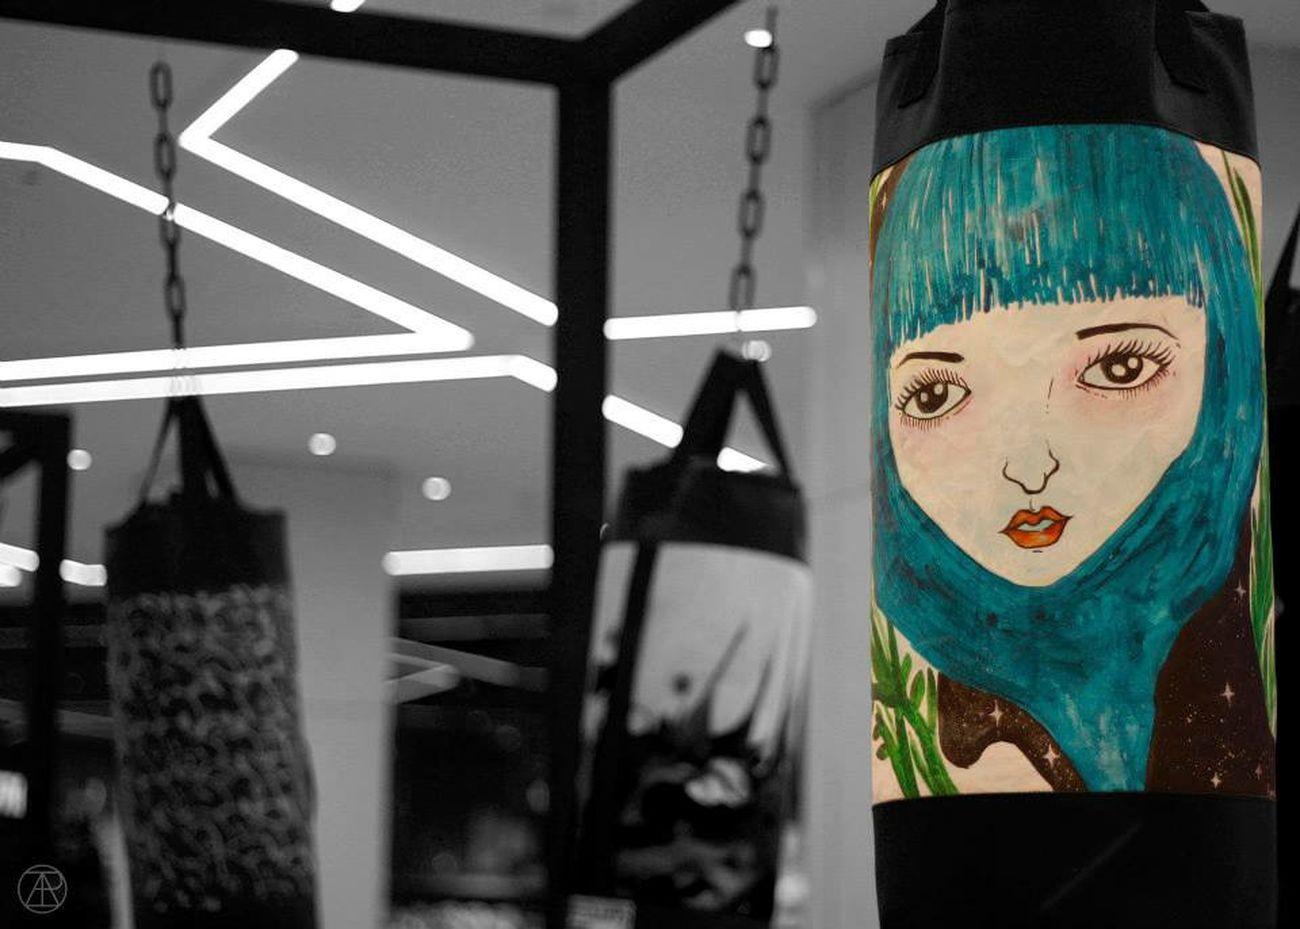 Fisticuffs. Streetcon Fisticuff Dubai Art Urban Lifestyle